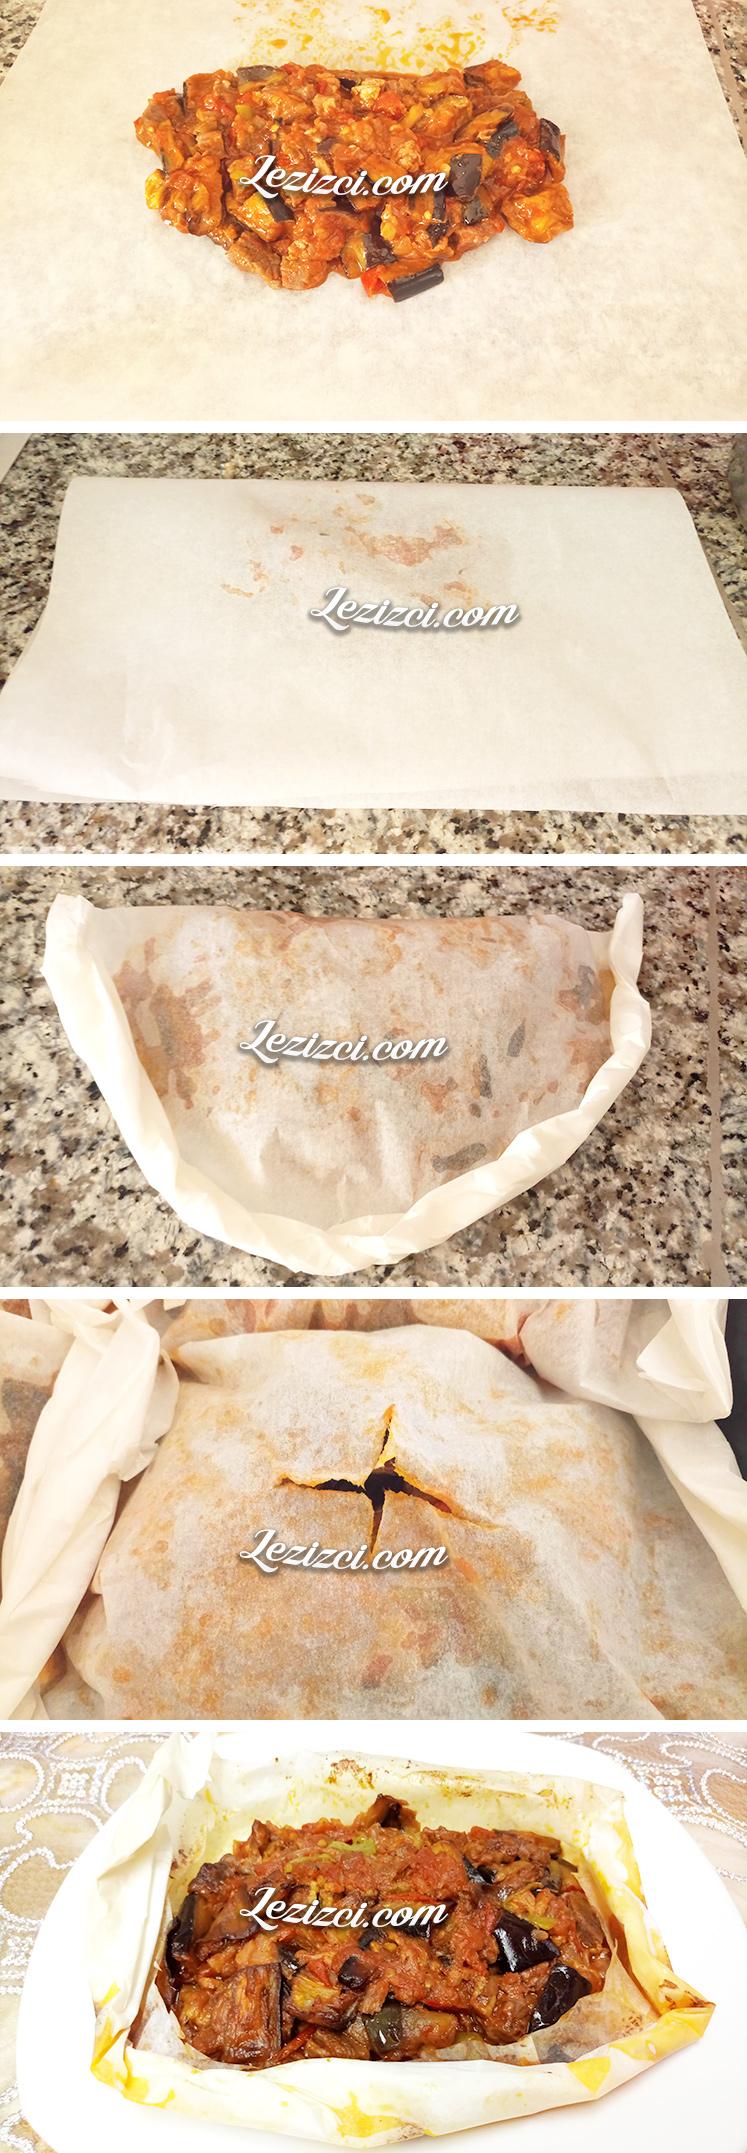 Fırında Kağıt Kebabının Yapılışı